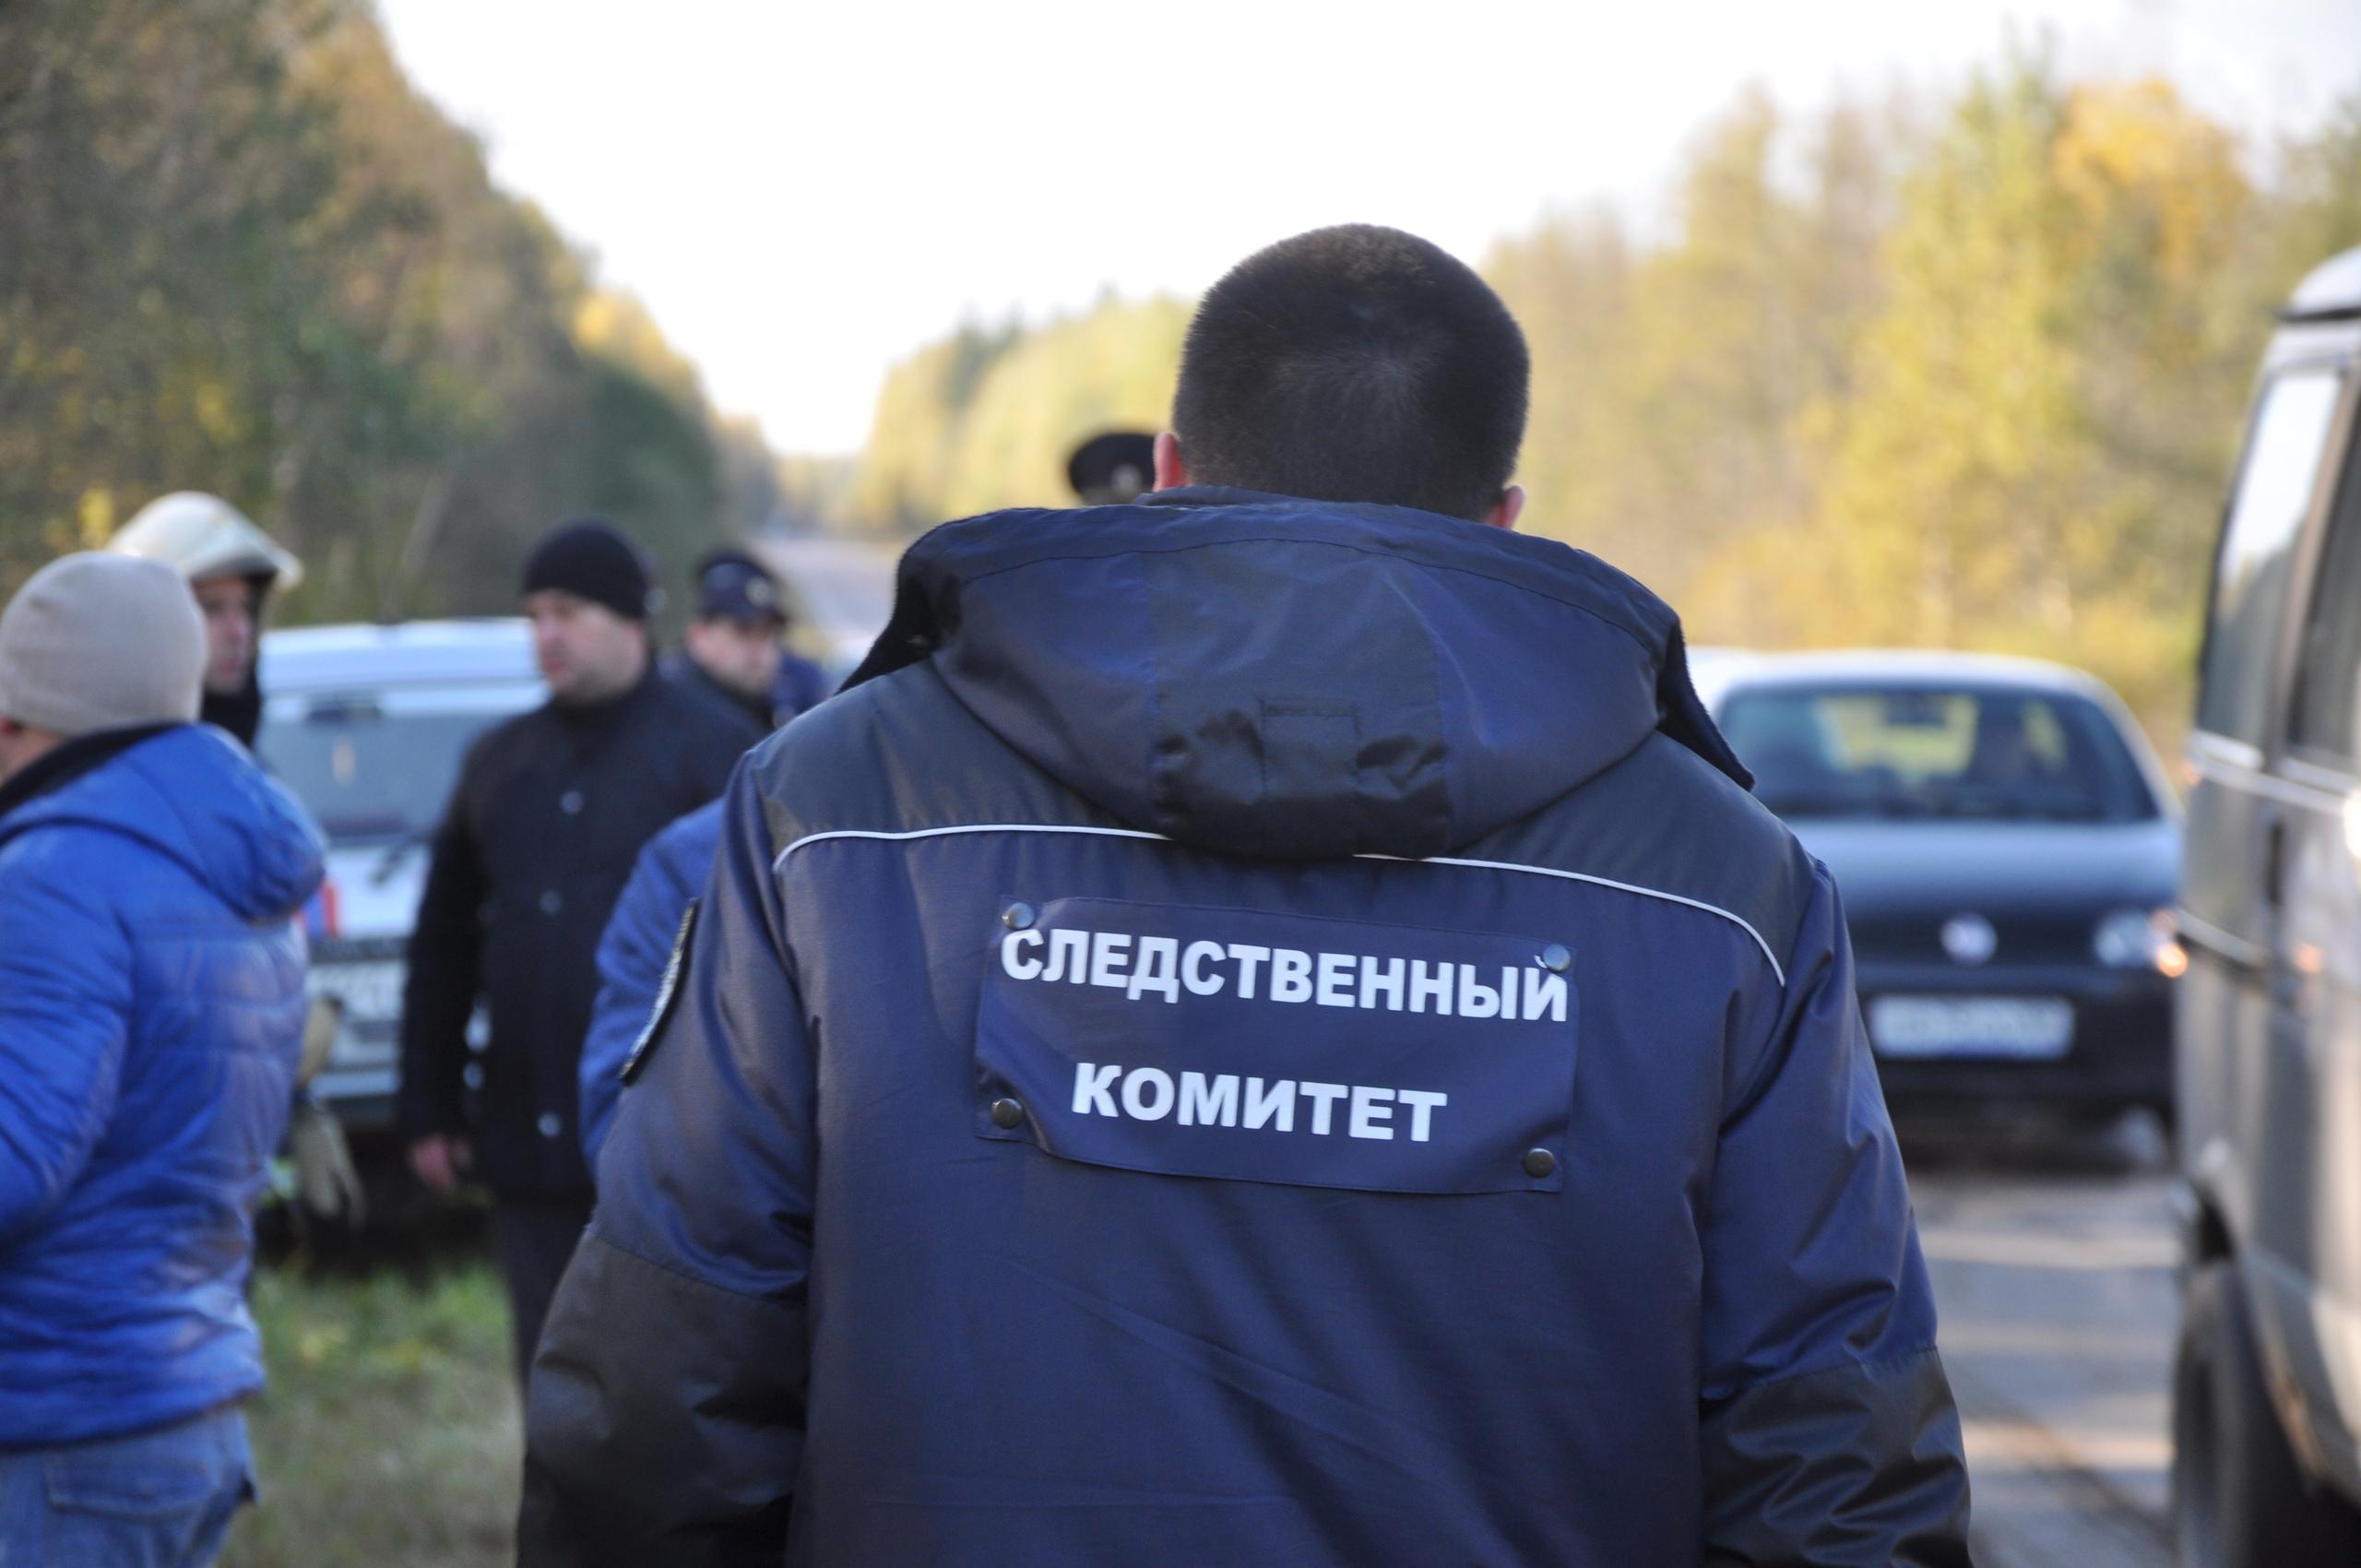 В Твери возбудили уголовное дело в отношении мужчины, напавшего на полицейского - новости Афанасий